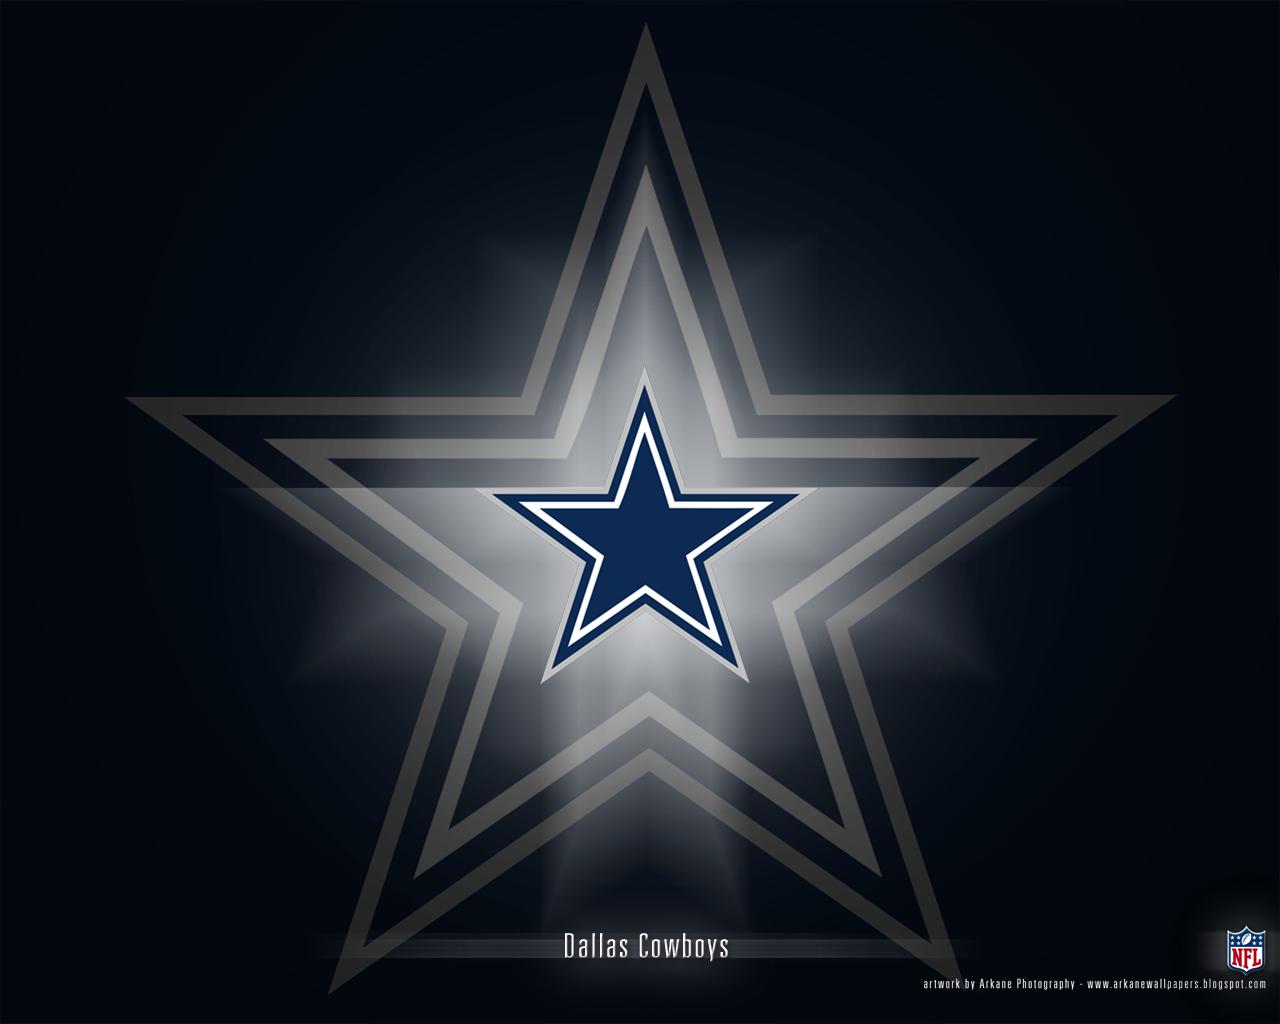 Dallas Cowboys wallpaper Dallas Cowboys wallpapers 1280x1024